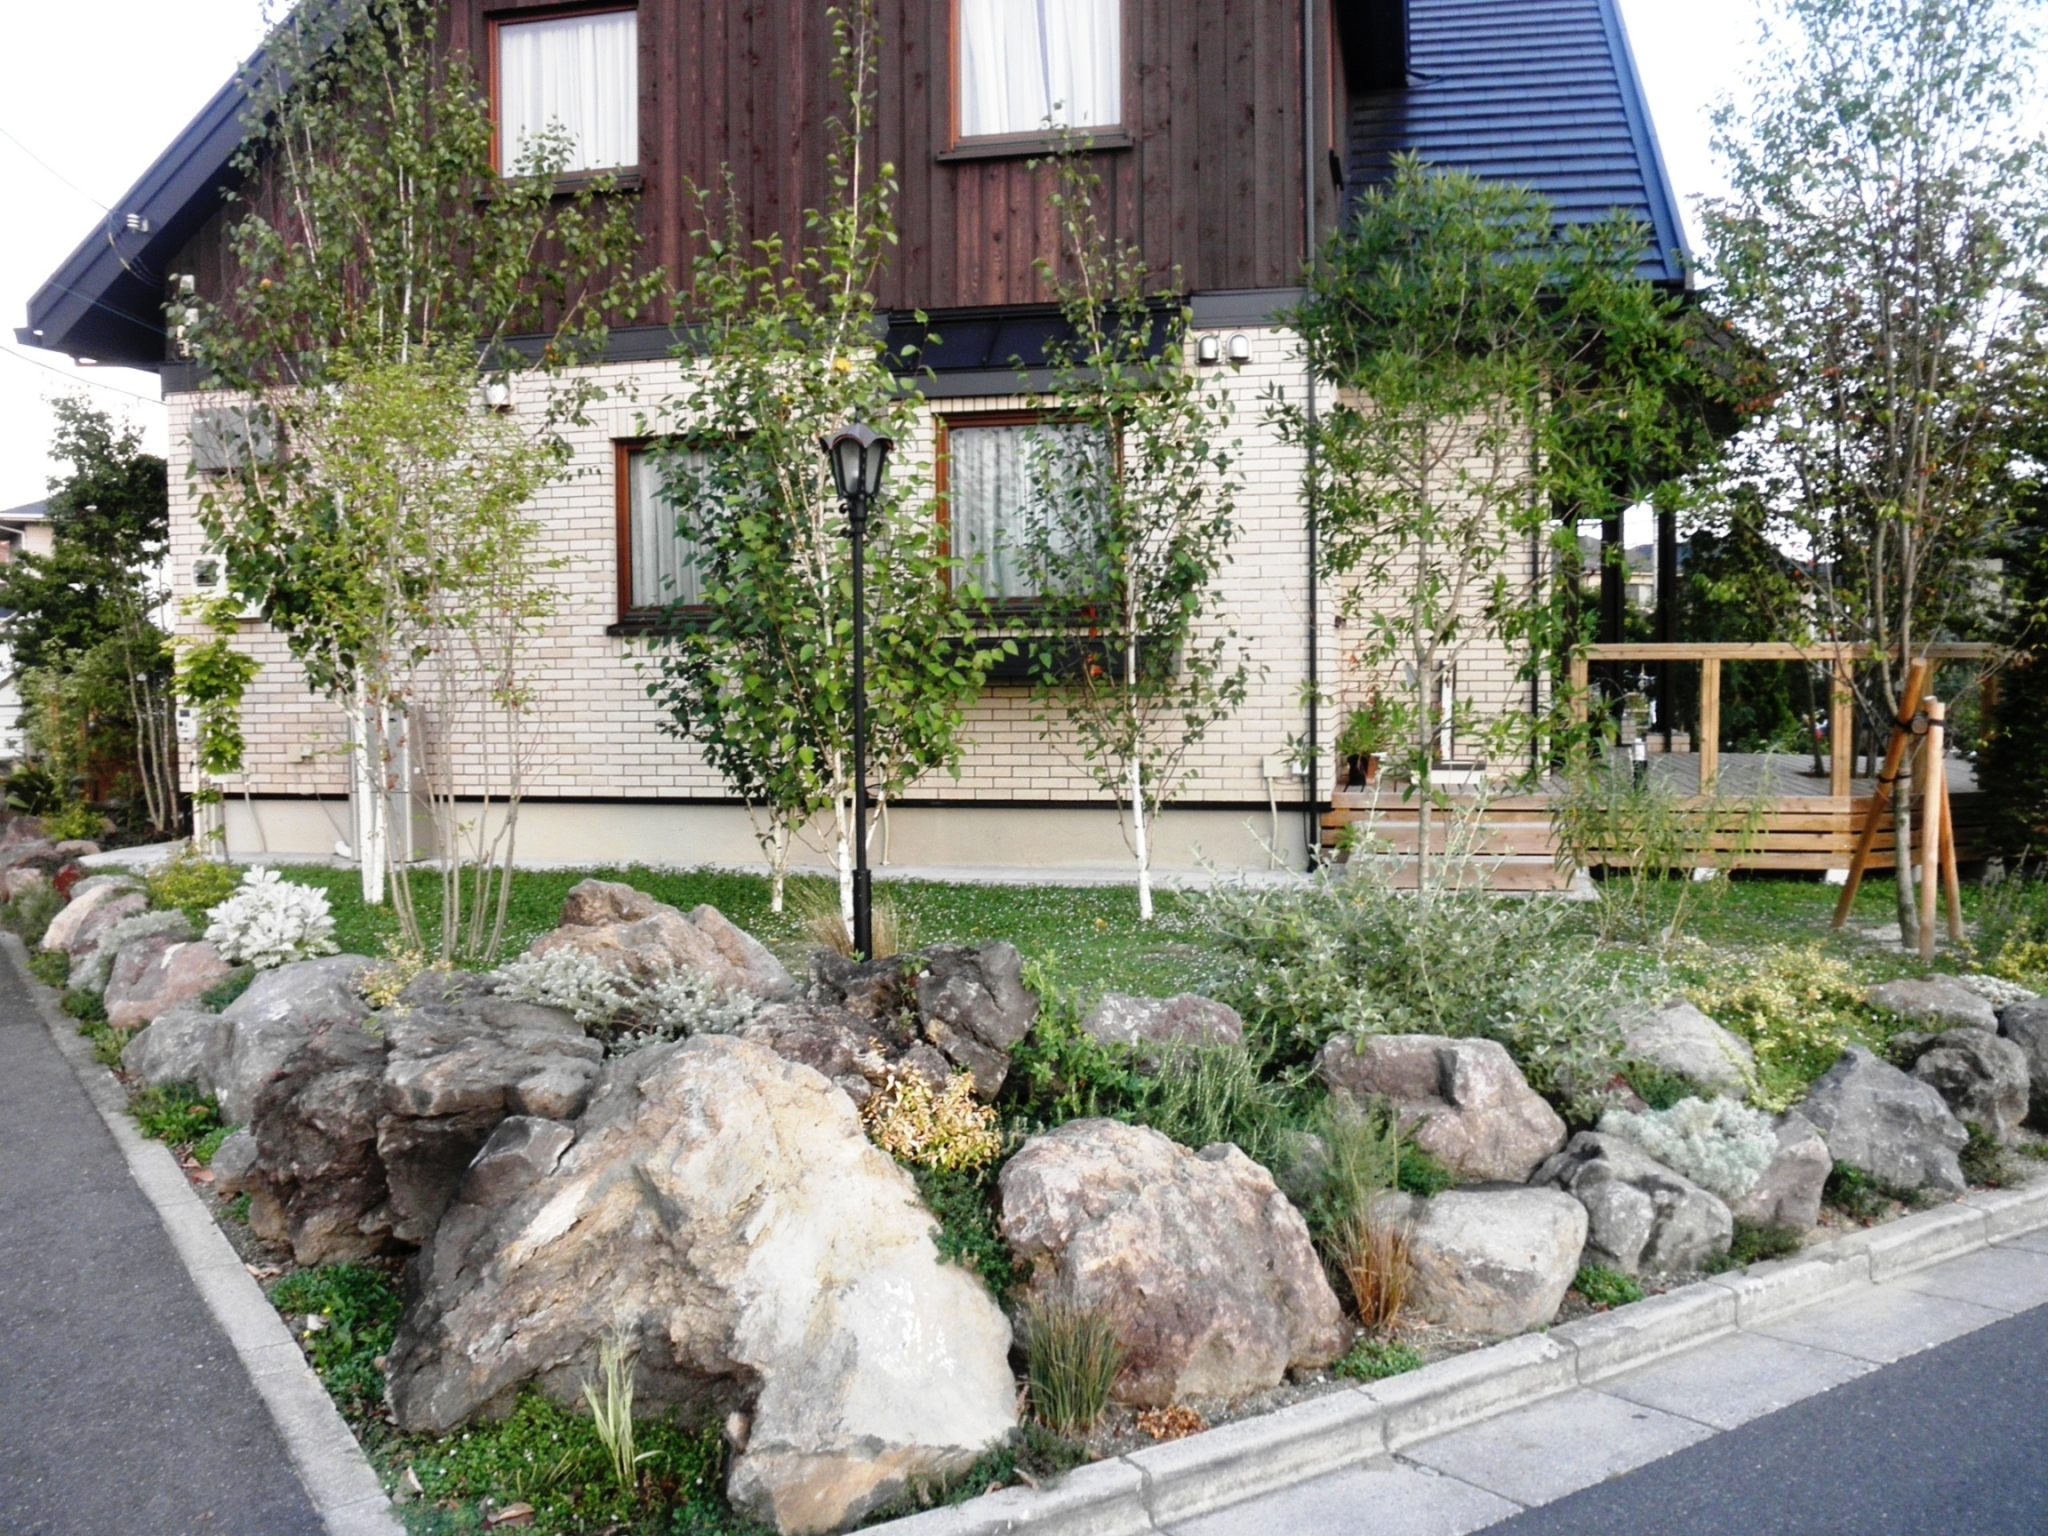 ロックガーデン 落葉樹の林|埼玉県蓮田市 N様邸の外構、エクステリア、植栽工事